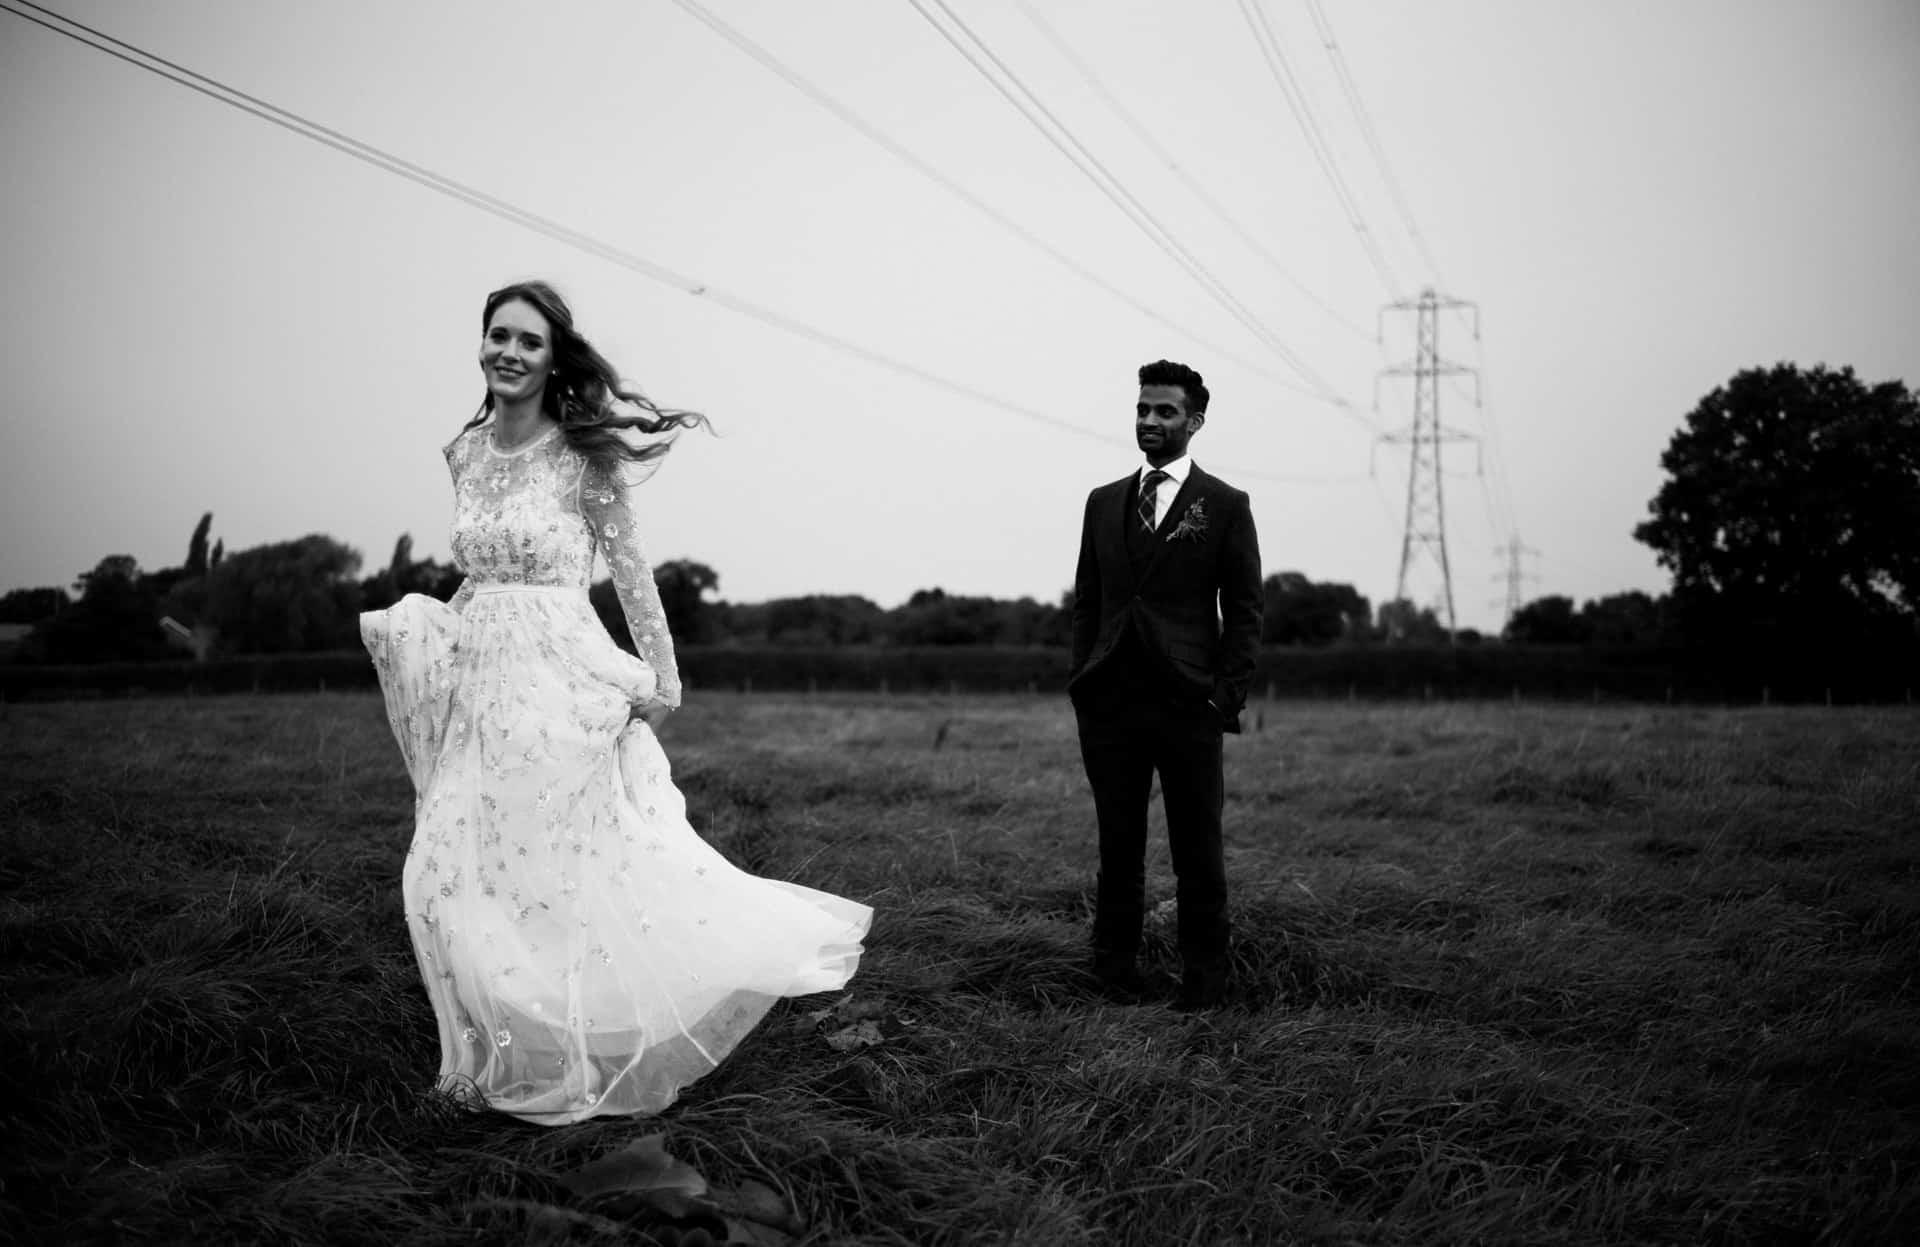 bride twirling her dress in a field